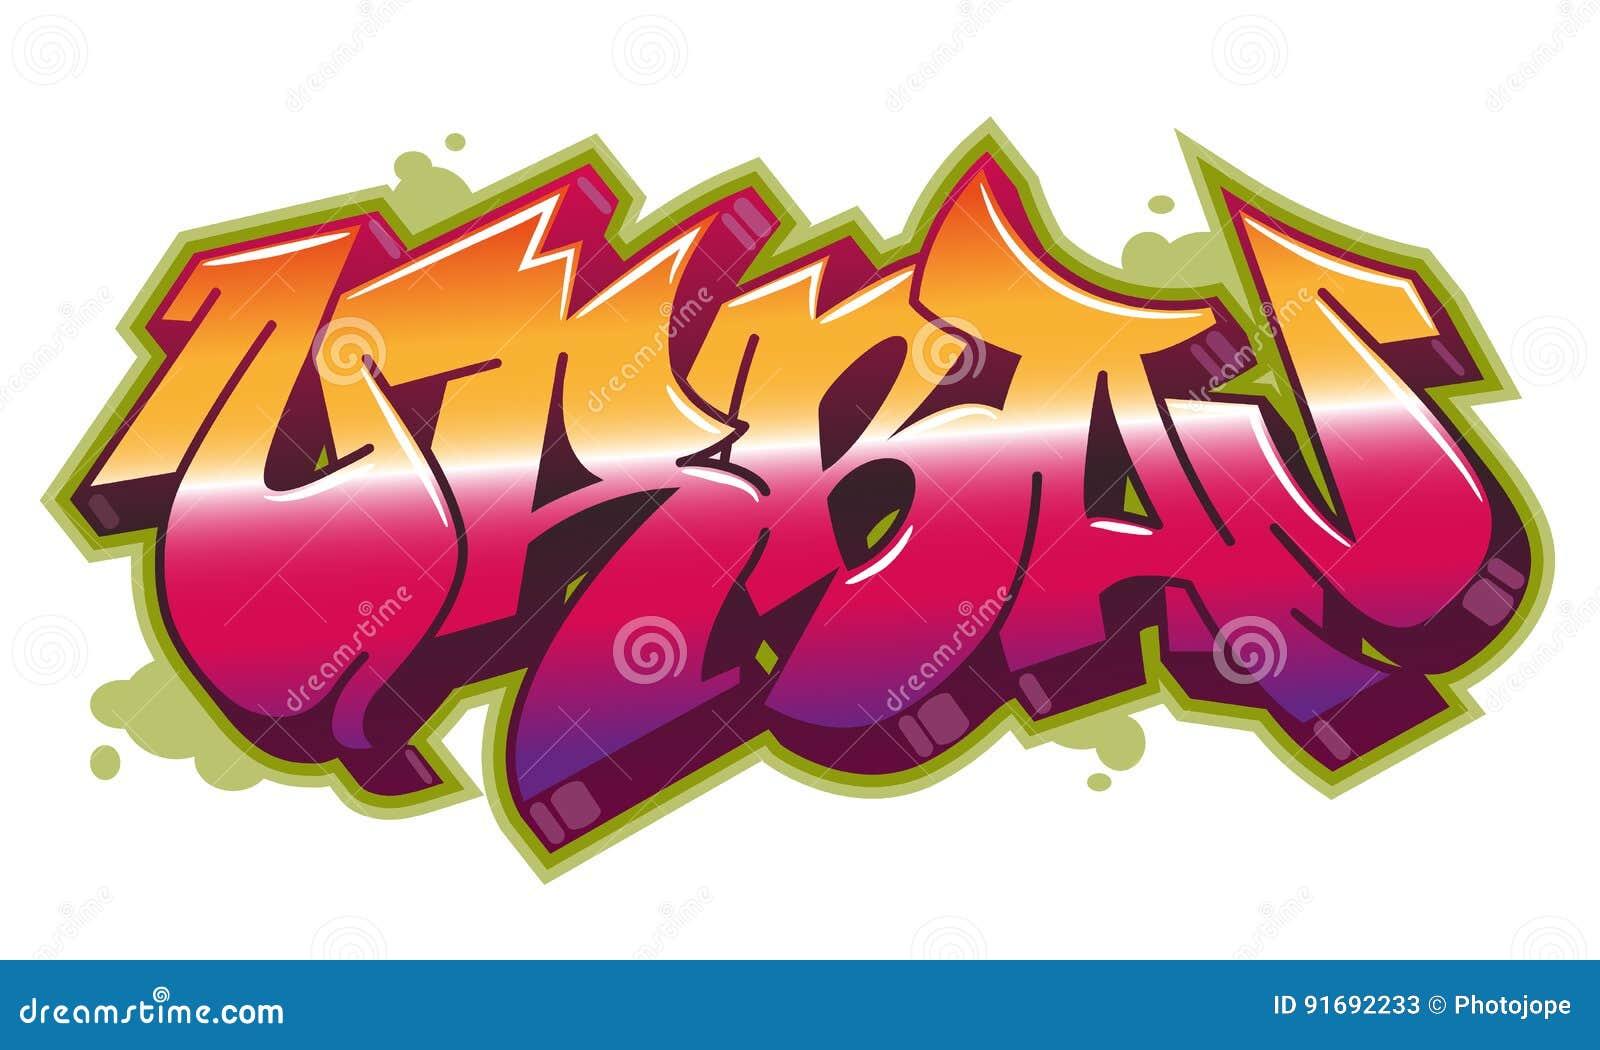 Urban word in graffiti style